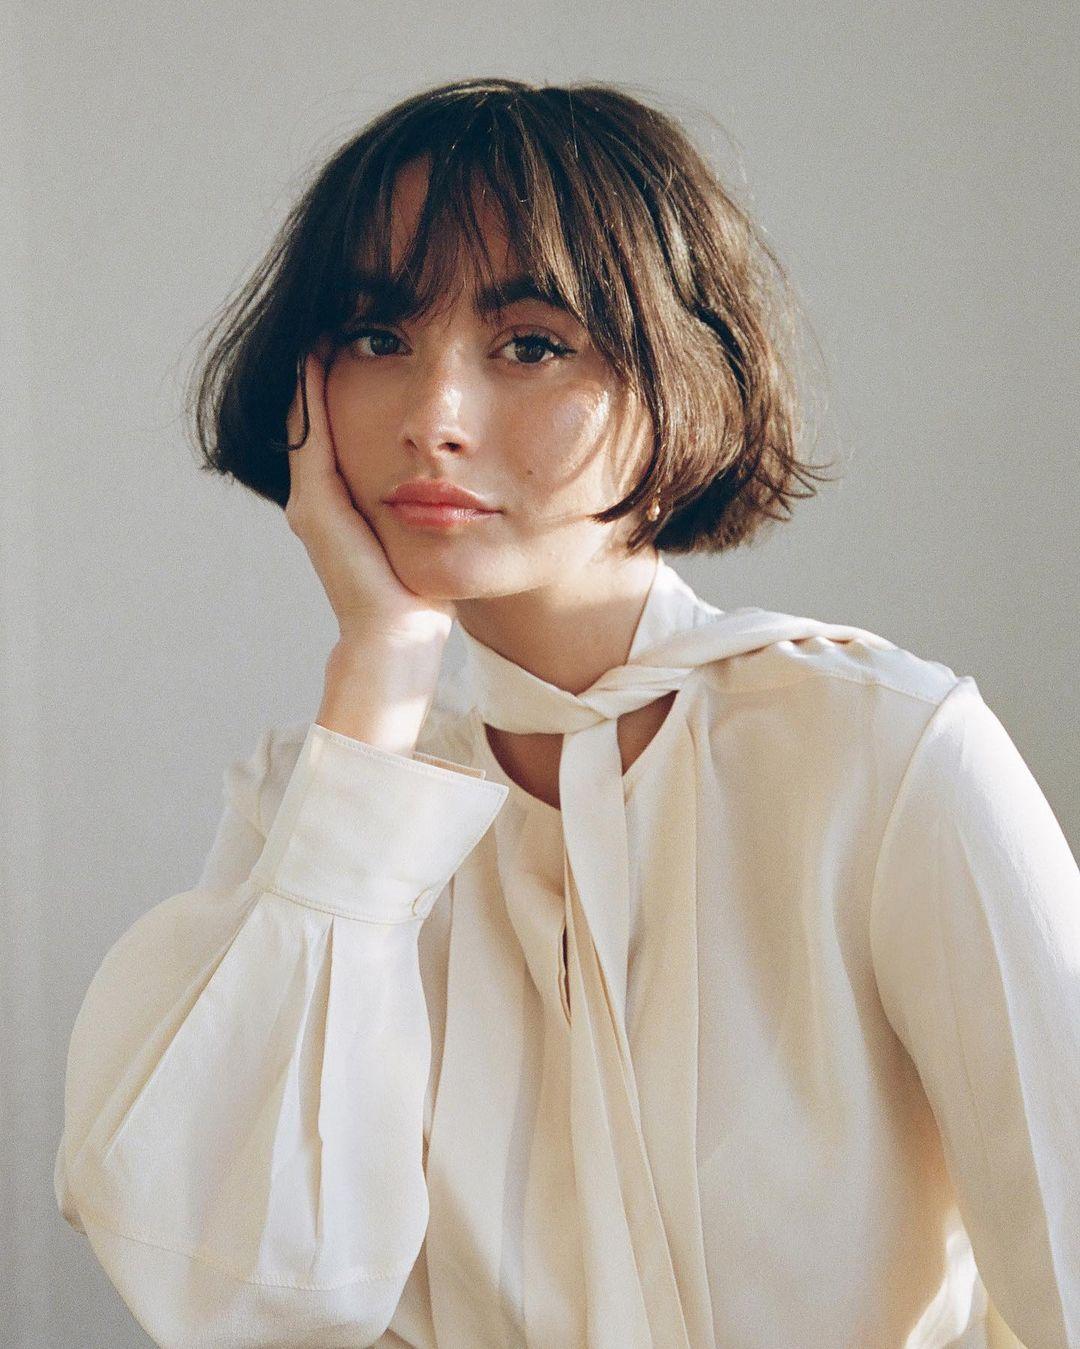 8 kiểu tóc gái Pháp luôn yêu cầu cắt khi ghé salon: Đơn giản mà cực sang chảnh, học theo thì thần thái lên hương - Ảnh 9